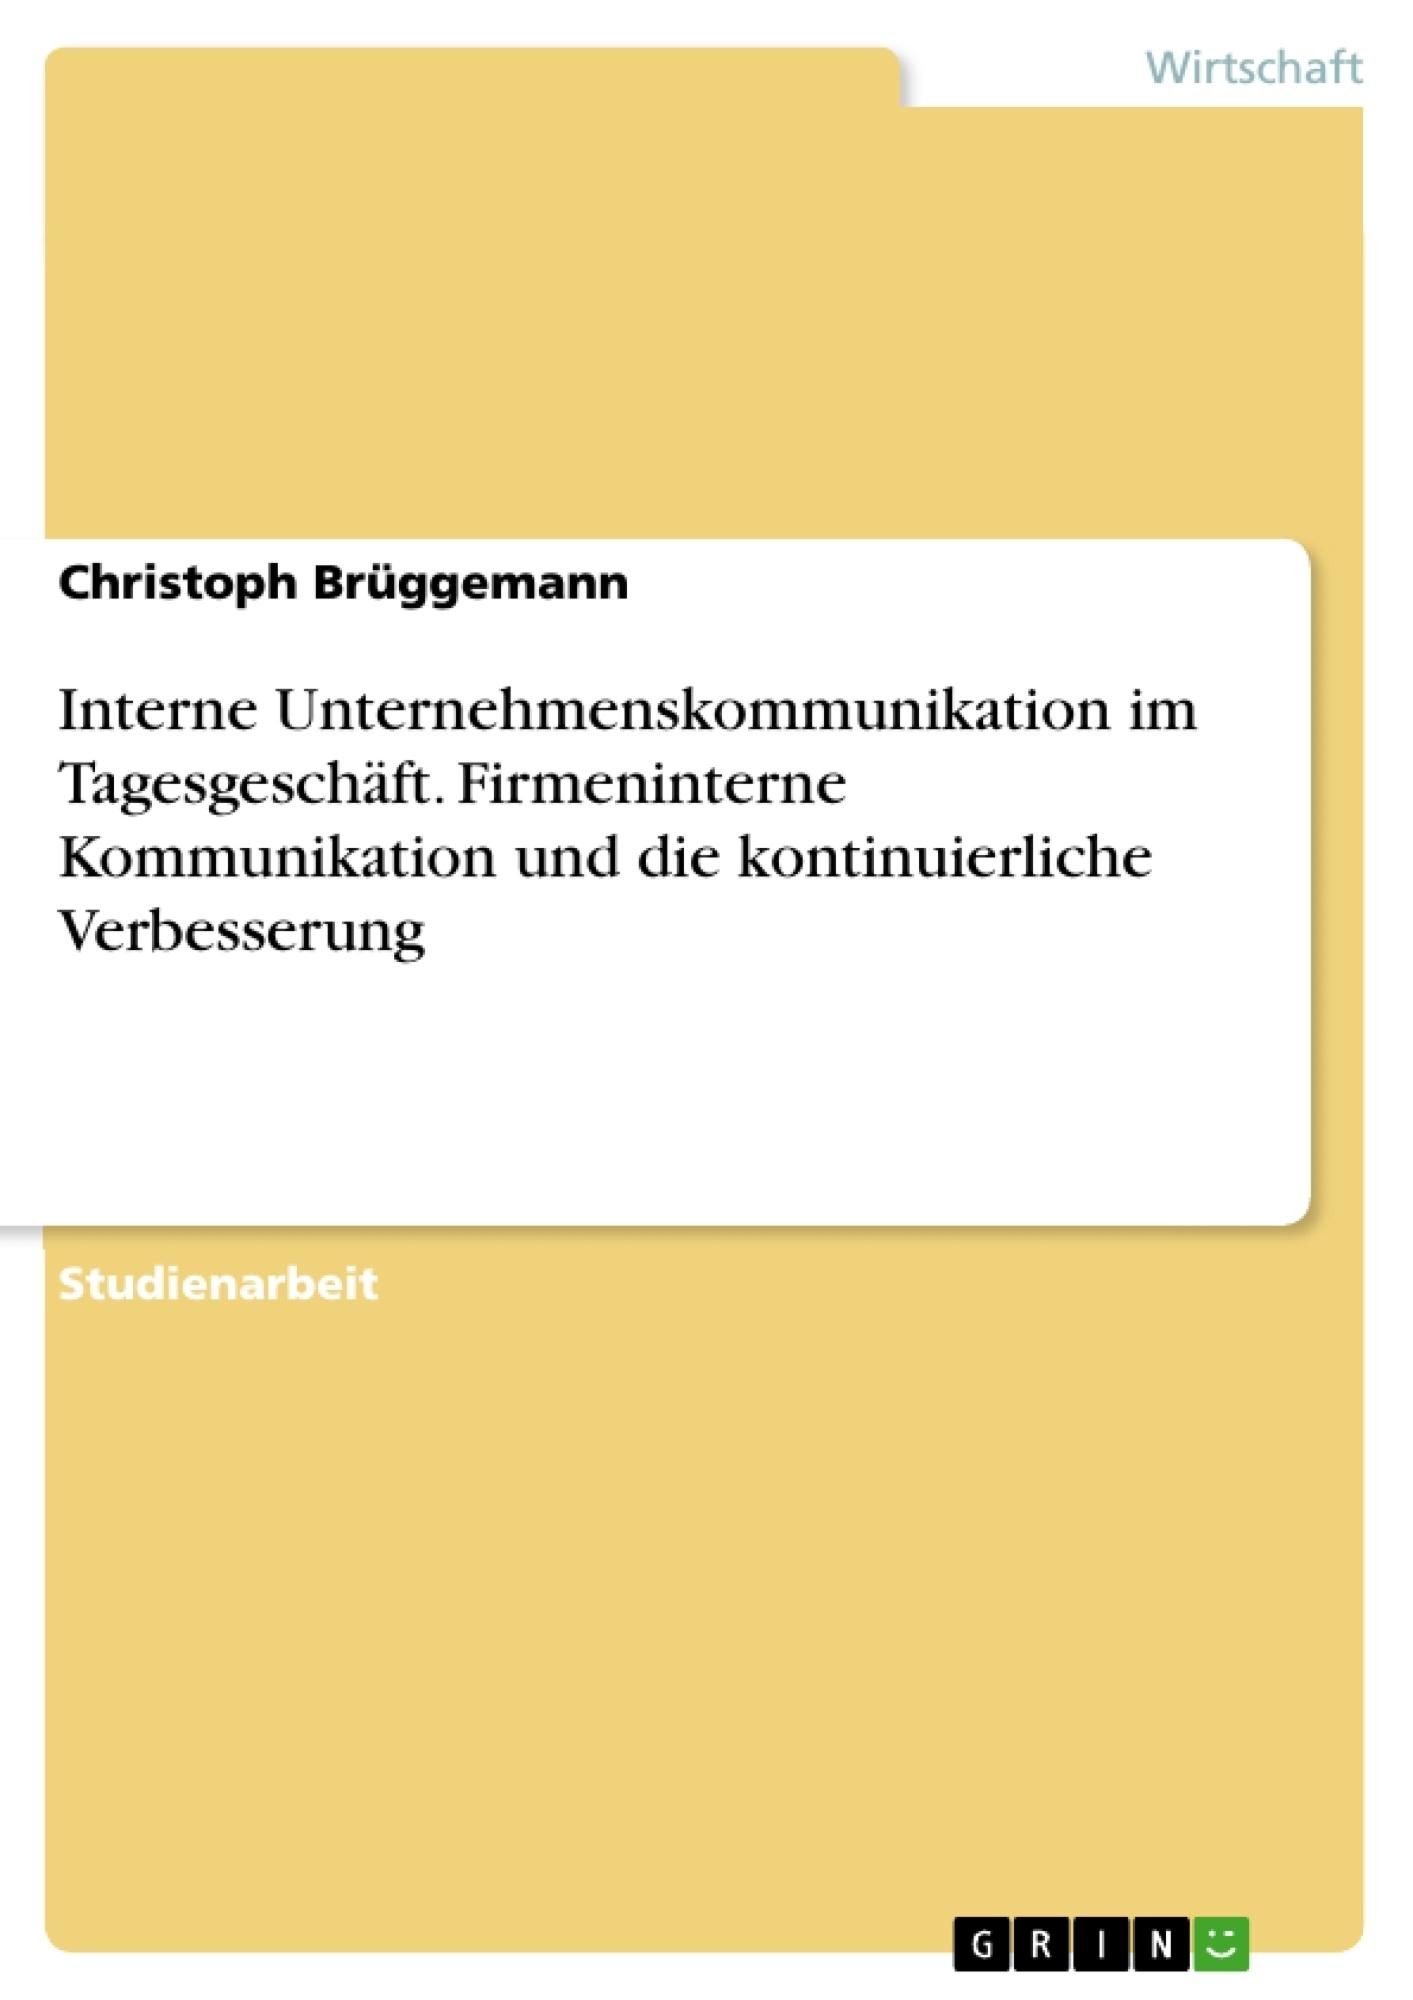 Titel: Interne Unternehmenskommunikation im Tagesgeschäft. Firmeninterne Kommunikation und die kontinuierliche Verbesserung